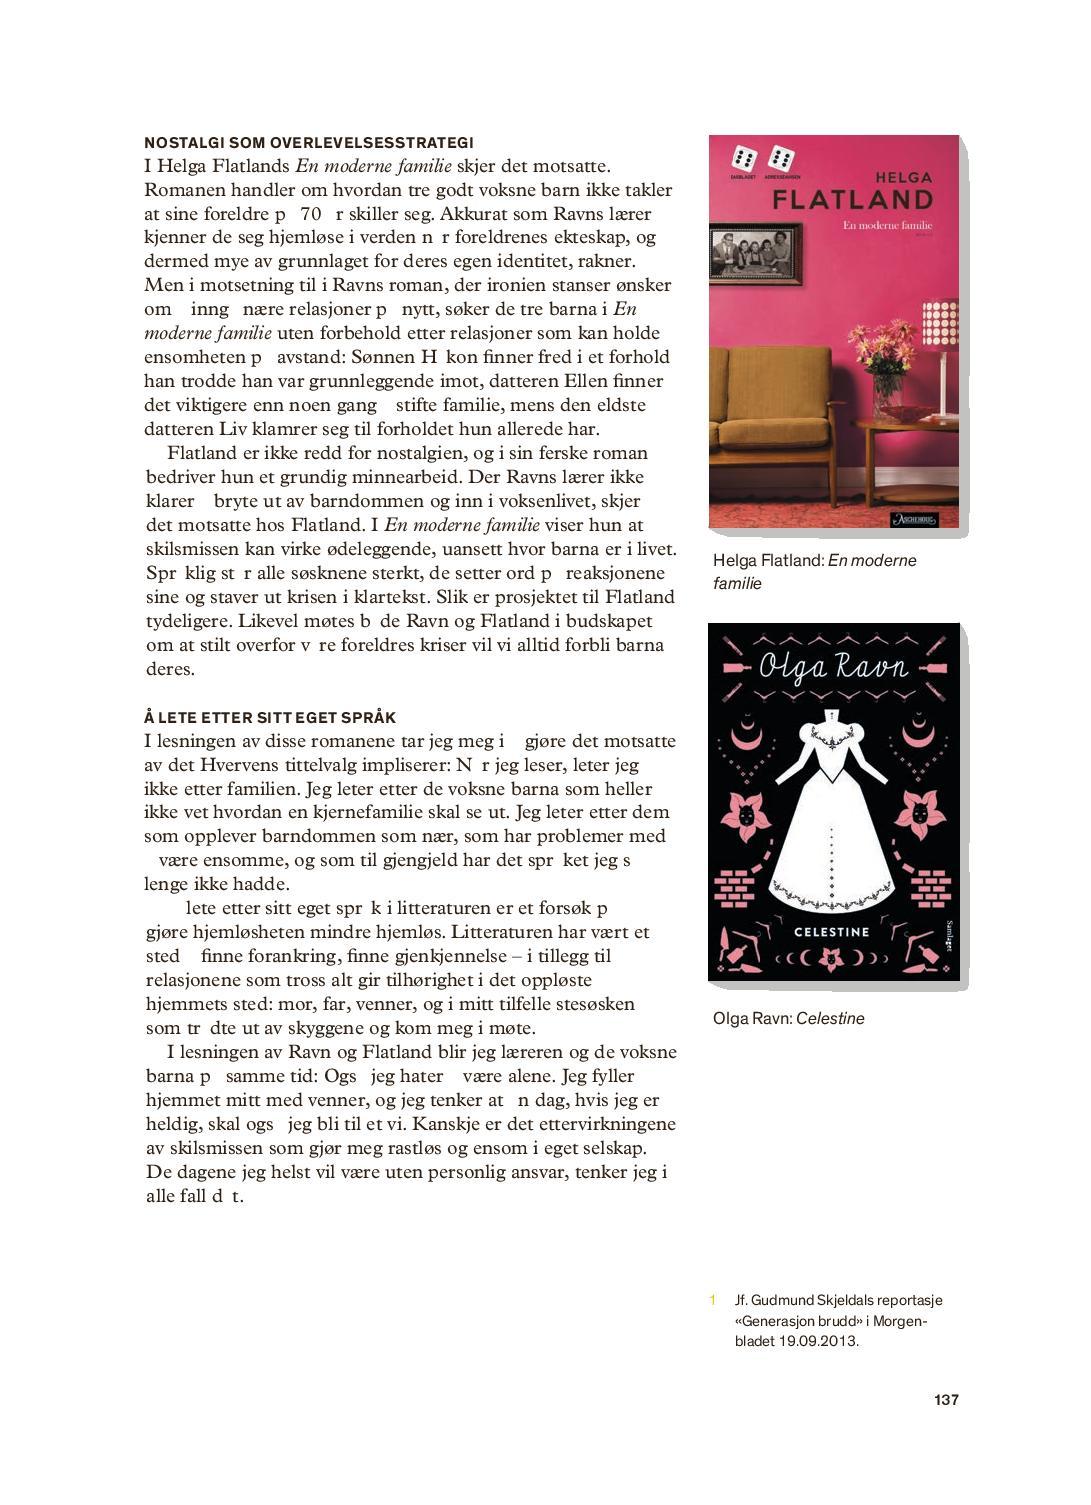 Skilsmissespraaket (1)-page-004.jpg